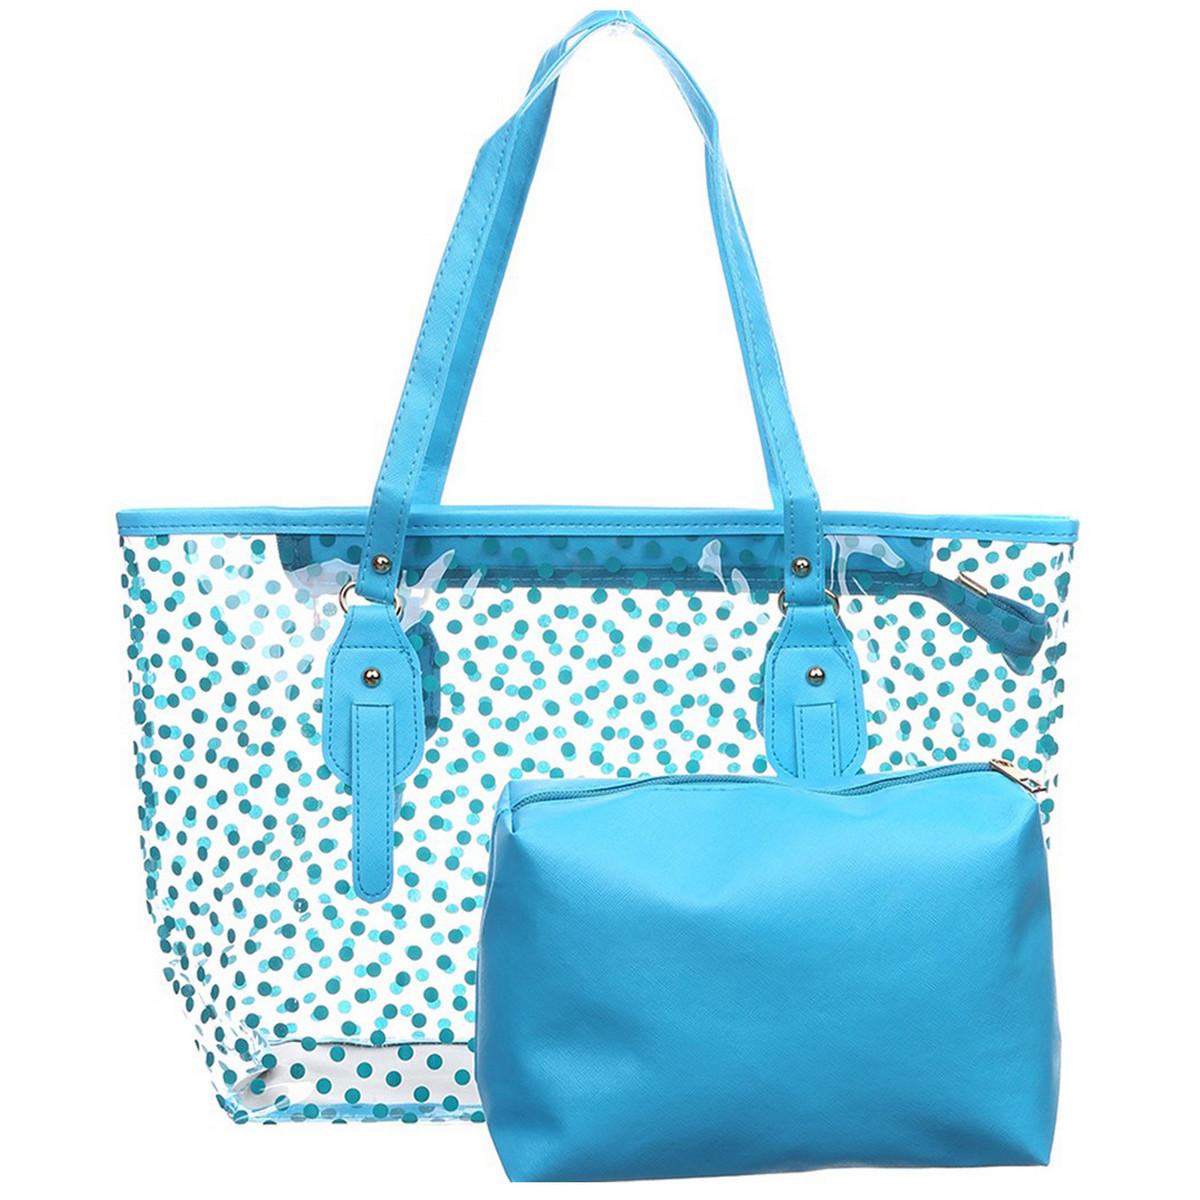 Пляжная сумка (набор), голубая пляжная сумка, пляжная сумка с клатчем из силикона   СС-3517-20